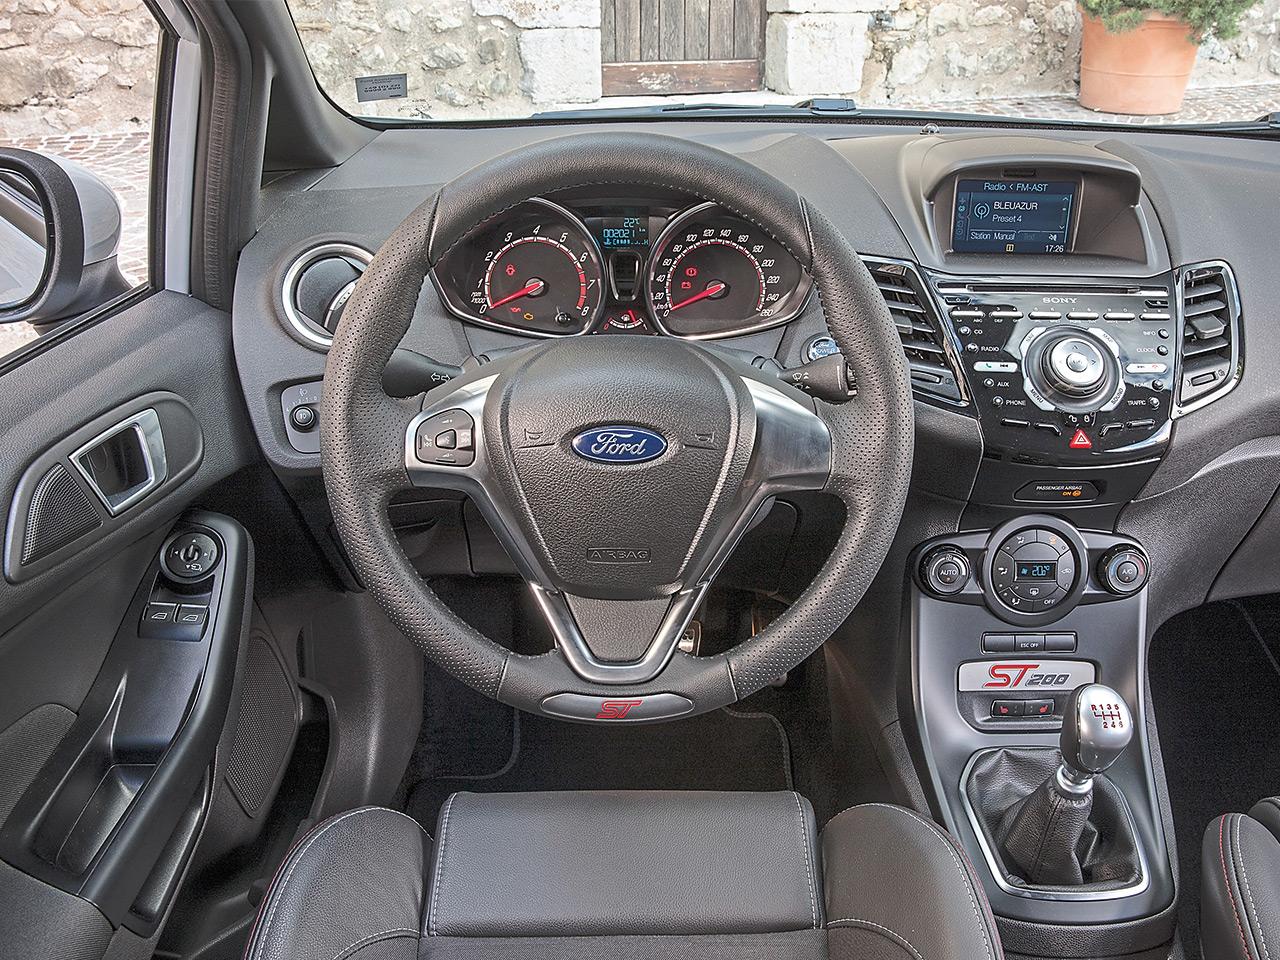 Ford Fiesta ST200: Test | autozeitung de